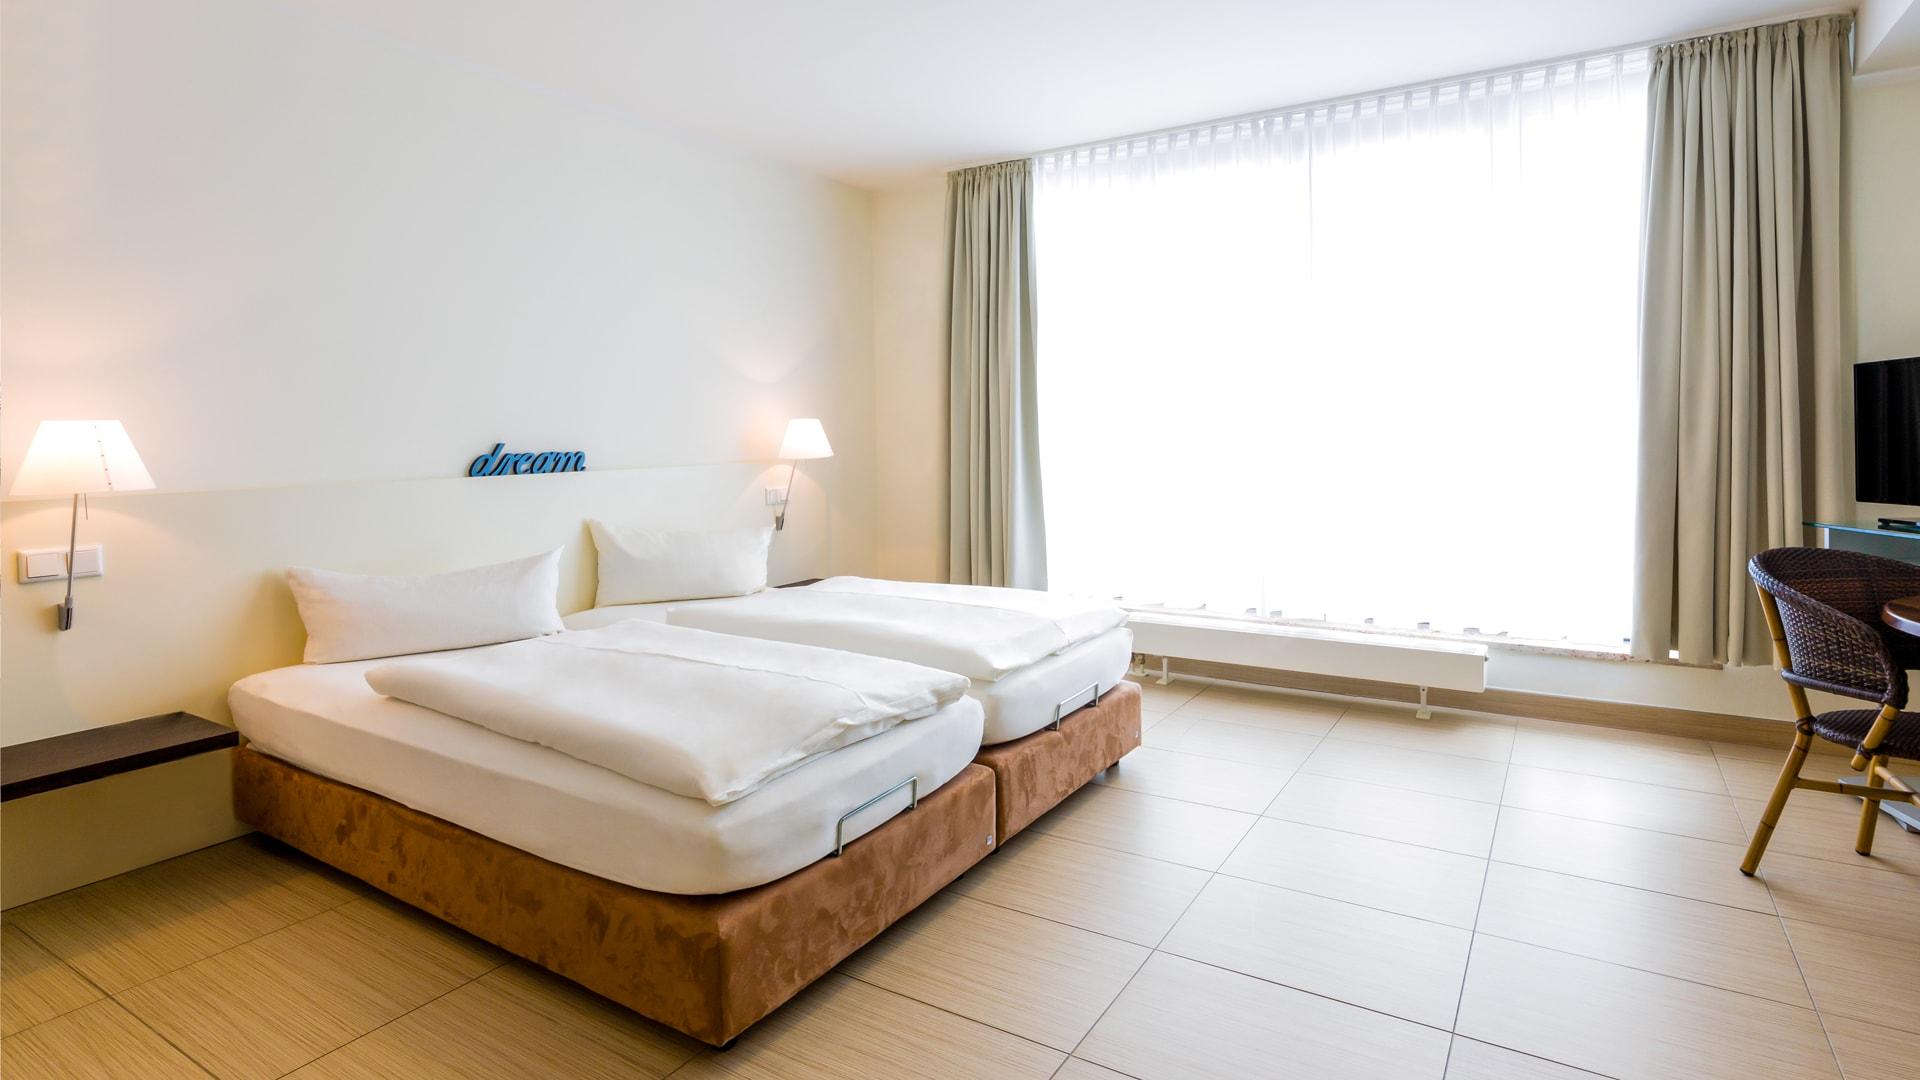 21 Michels_Hotels_Villa_Nordsee_Ferienwohnung_Typ_B2_Schlafzimmer